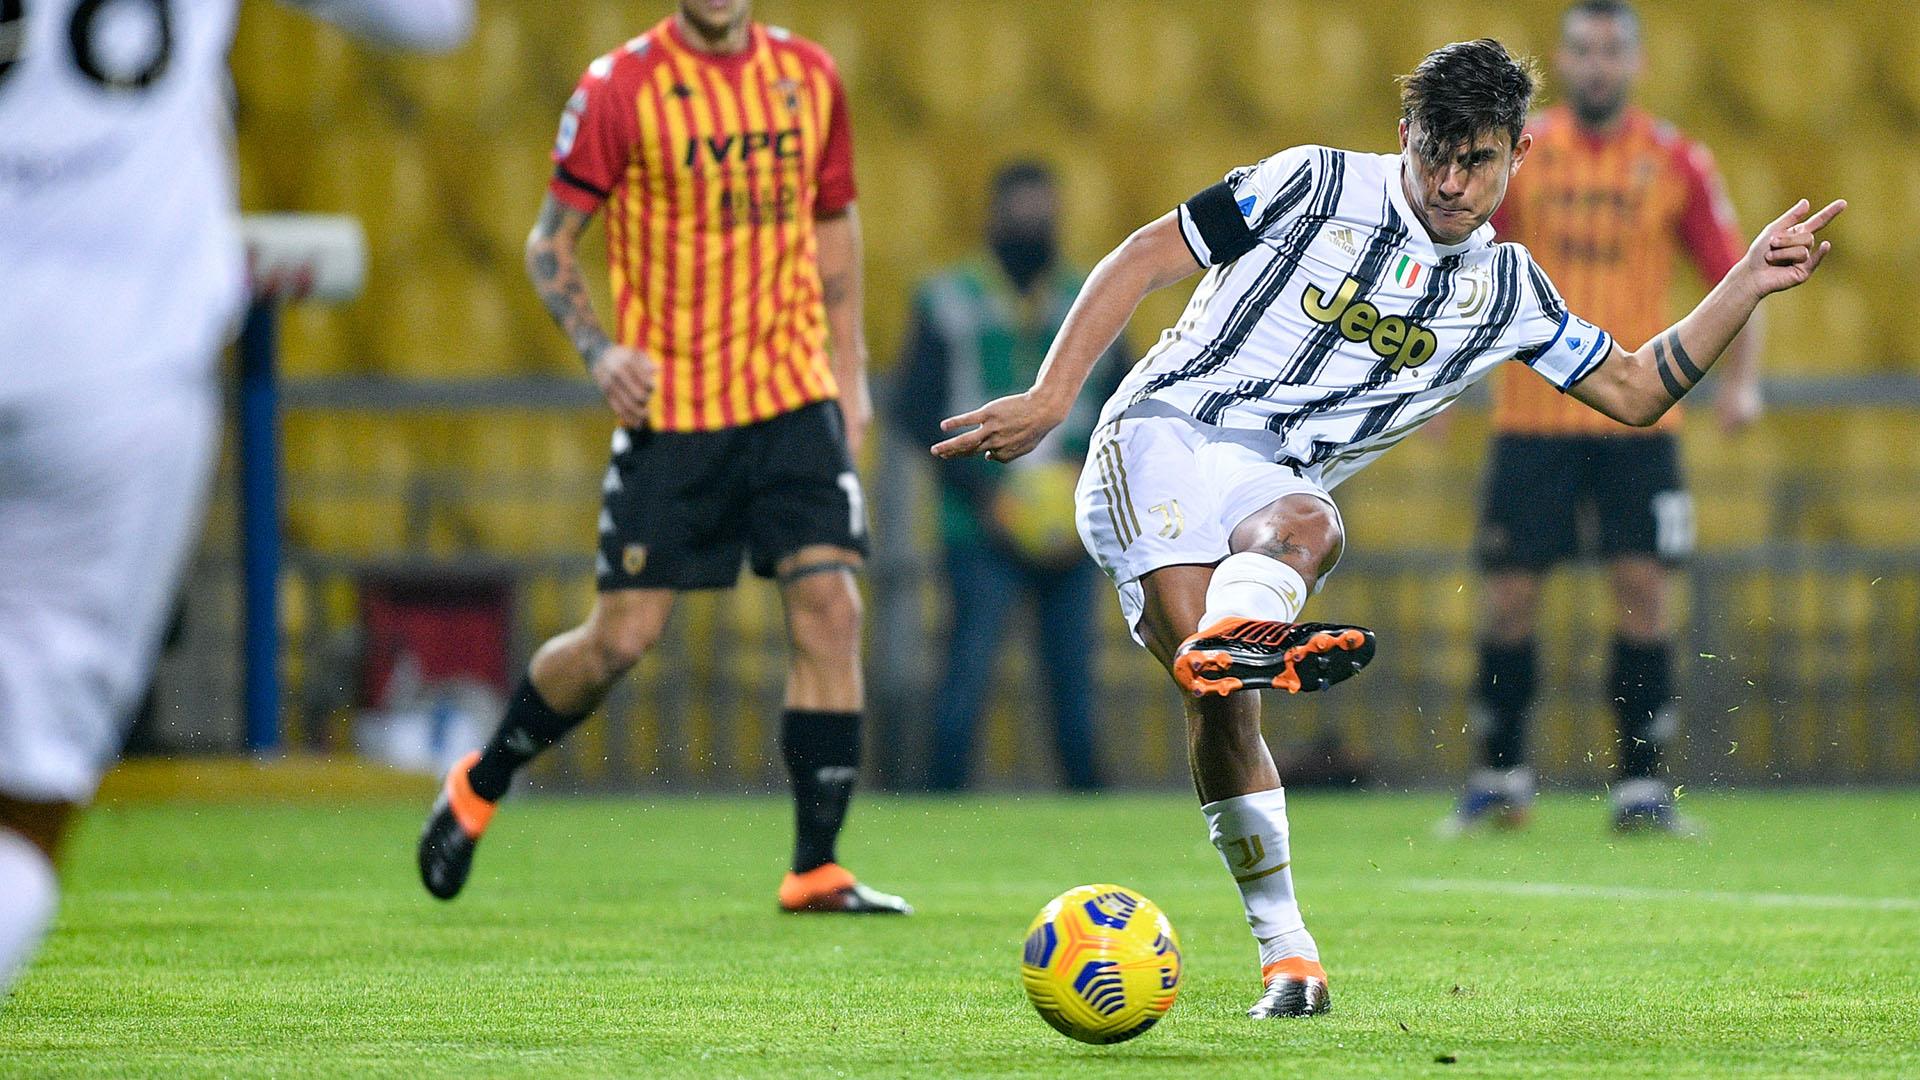 Serie A: Benevento-Juventus 1-1, le foto - Serie A: Benevento-Juventus 1-1,  le foto | Virgilio Sport